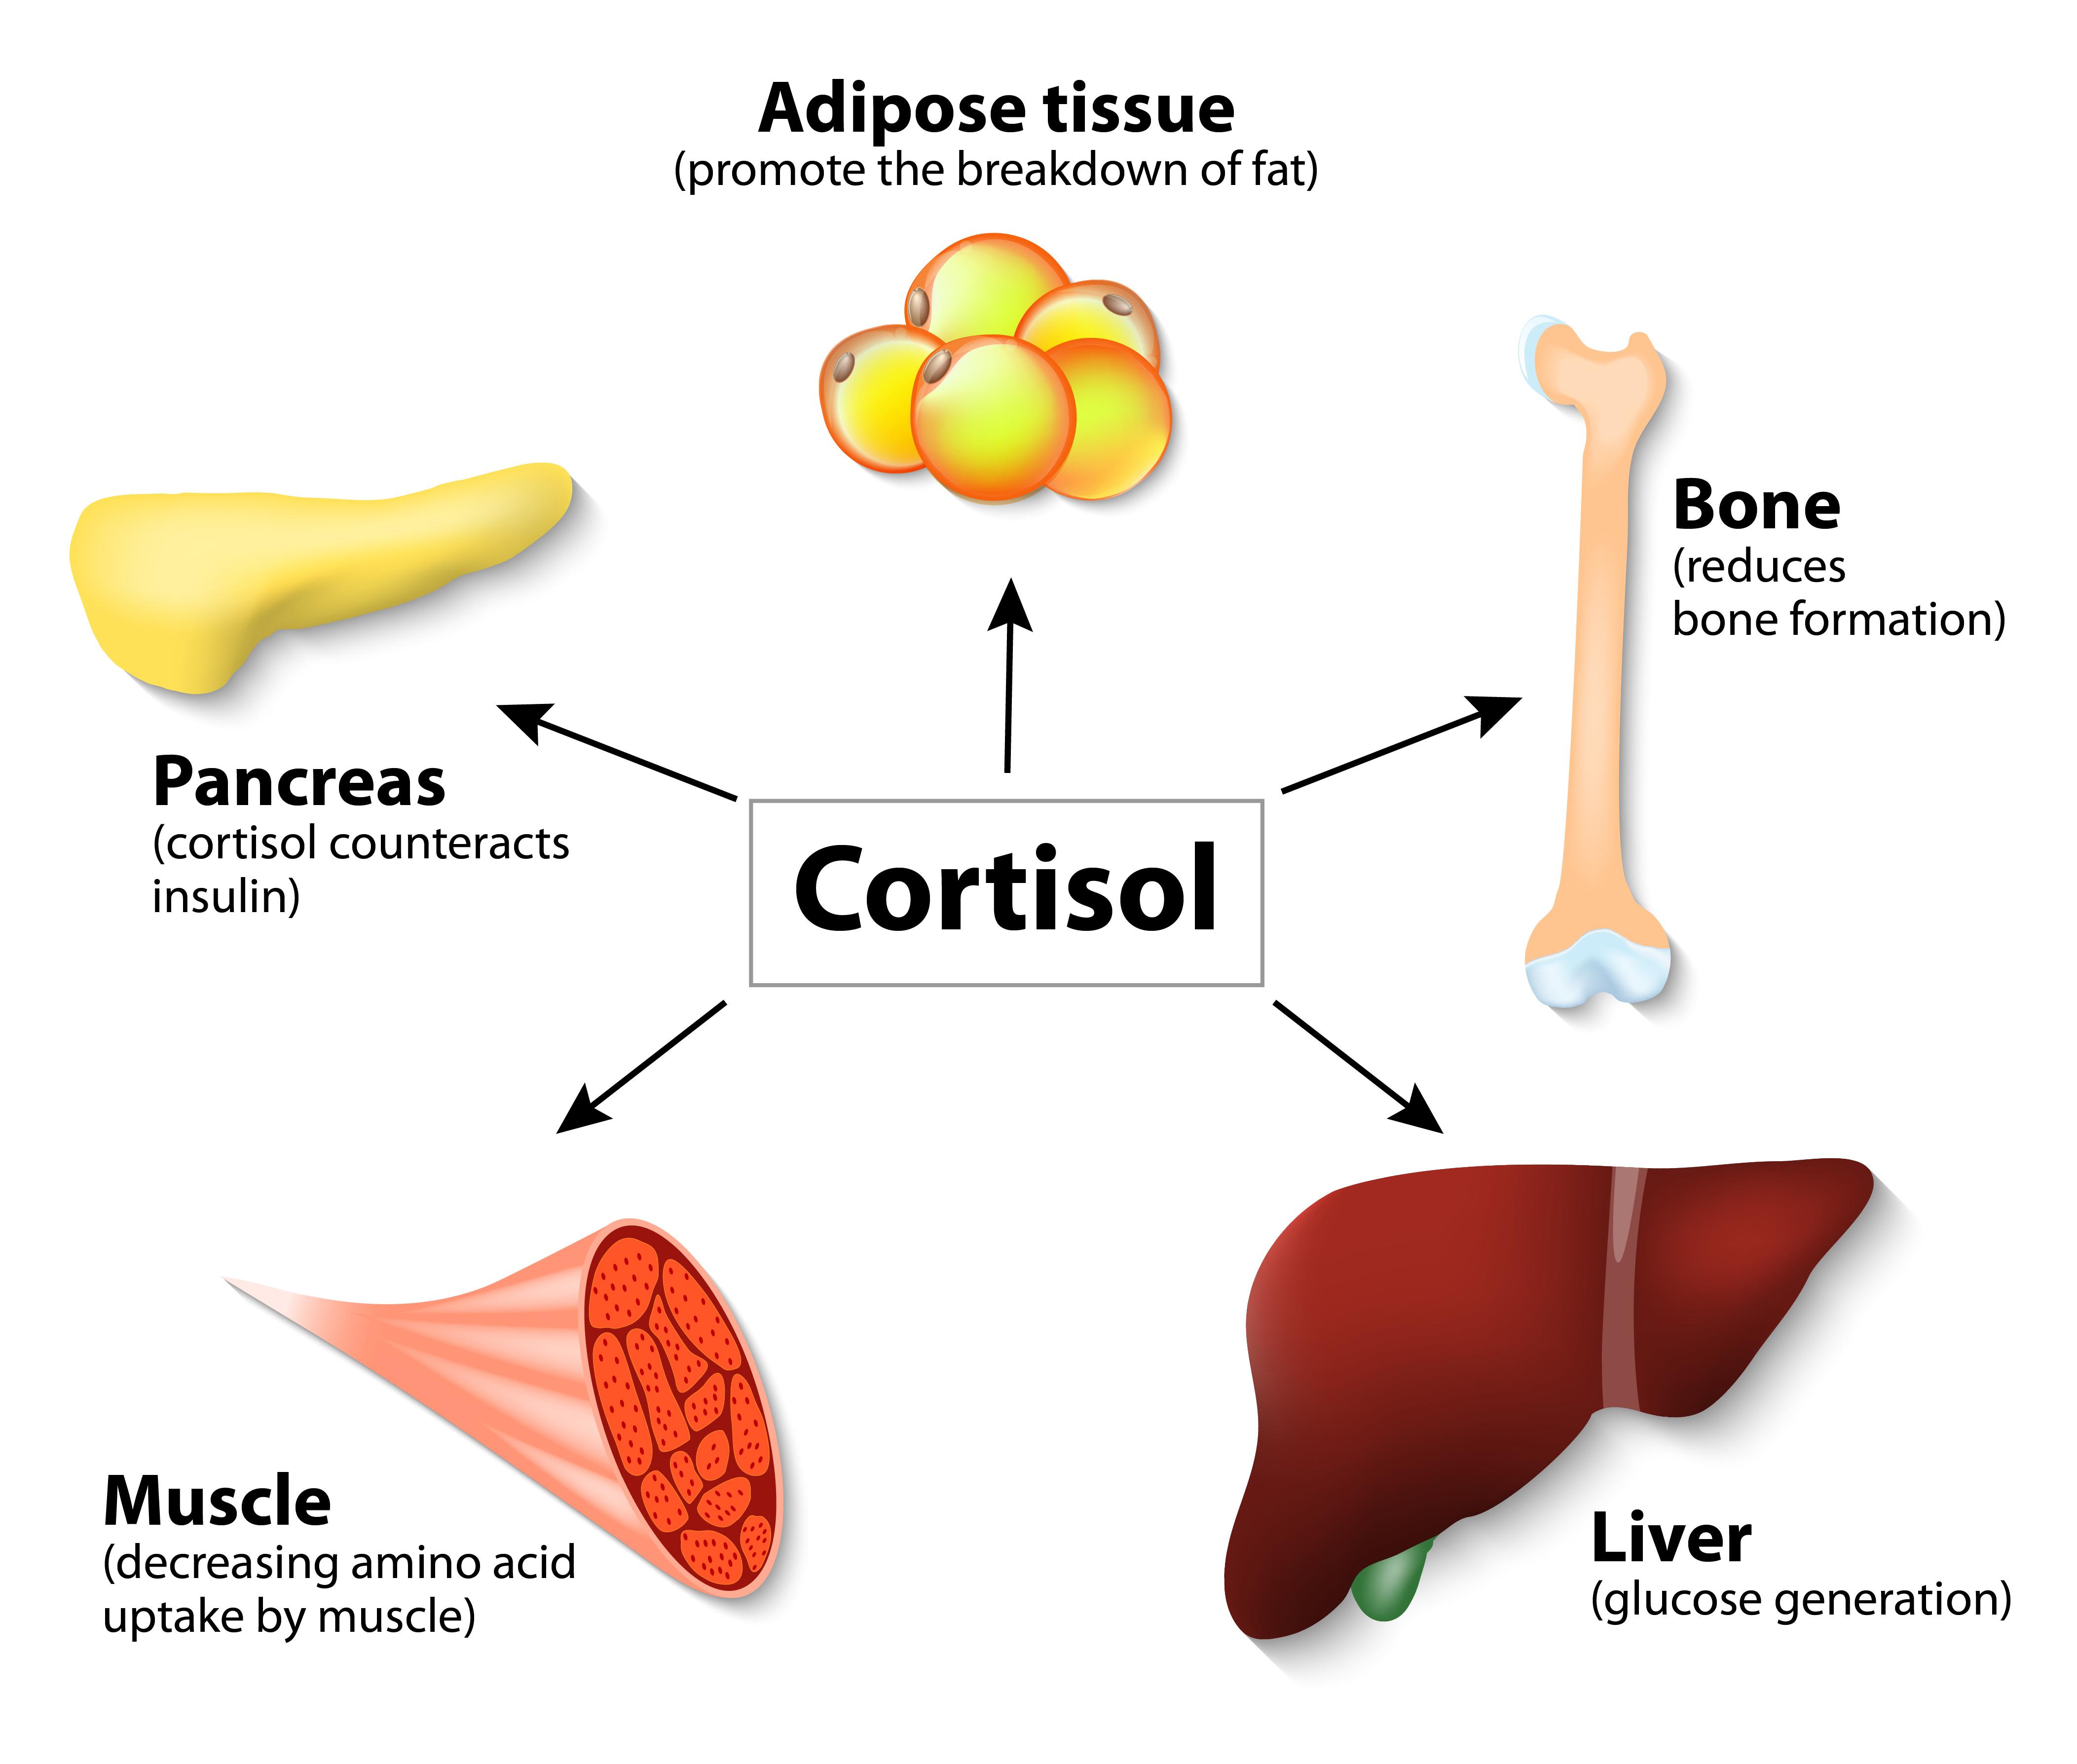 http://dieta.ru/files/Image/ashwagandha-cortisol-control.jpg